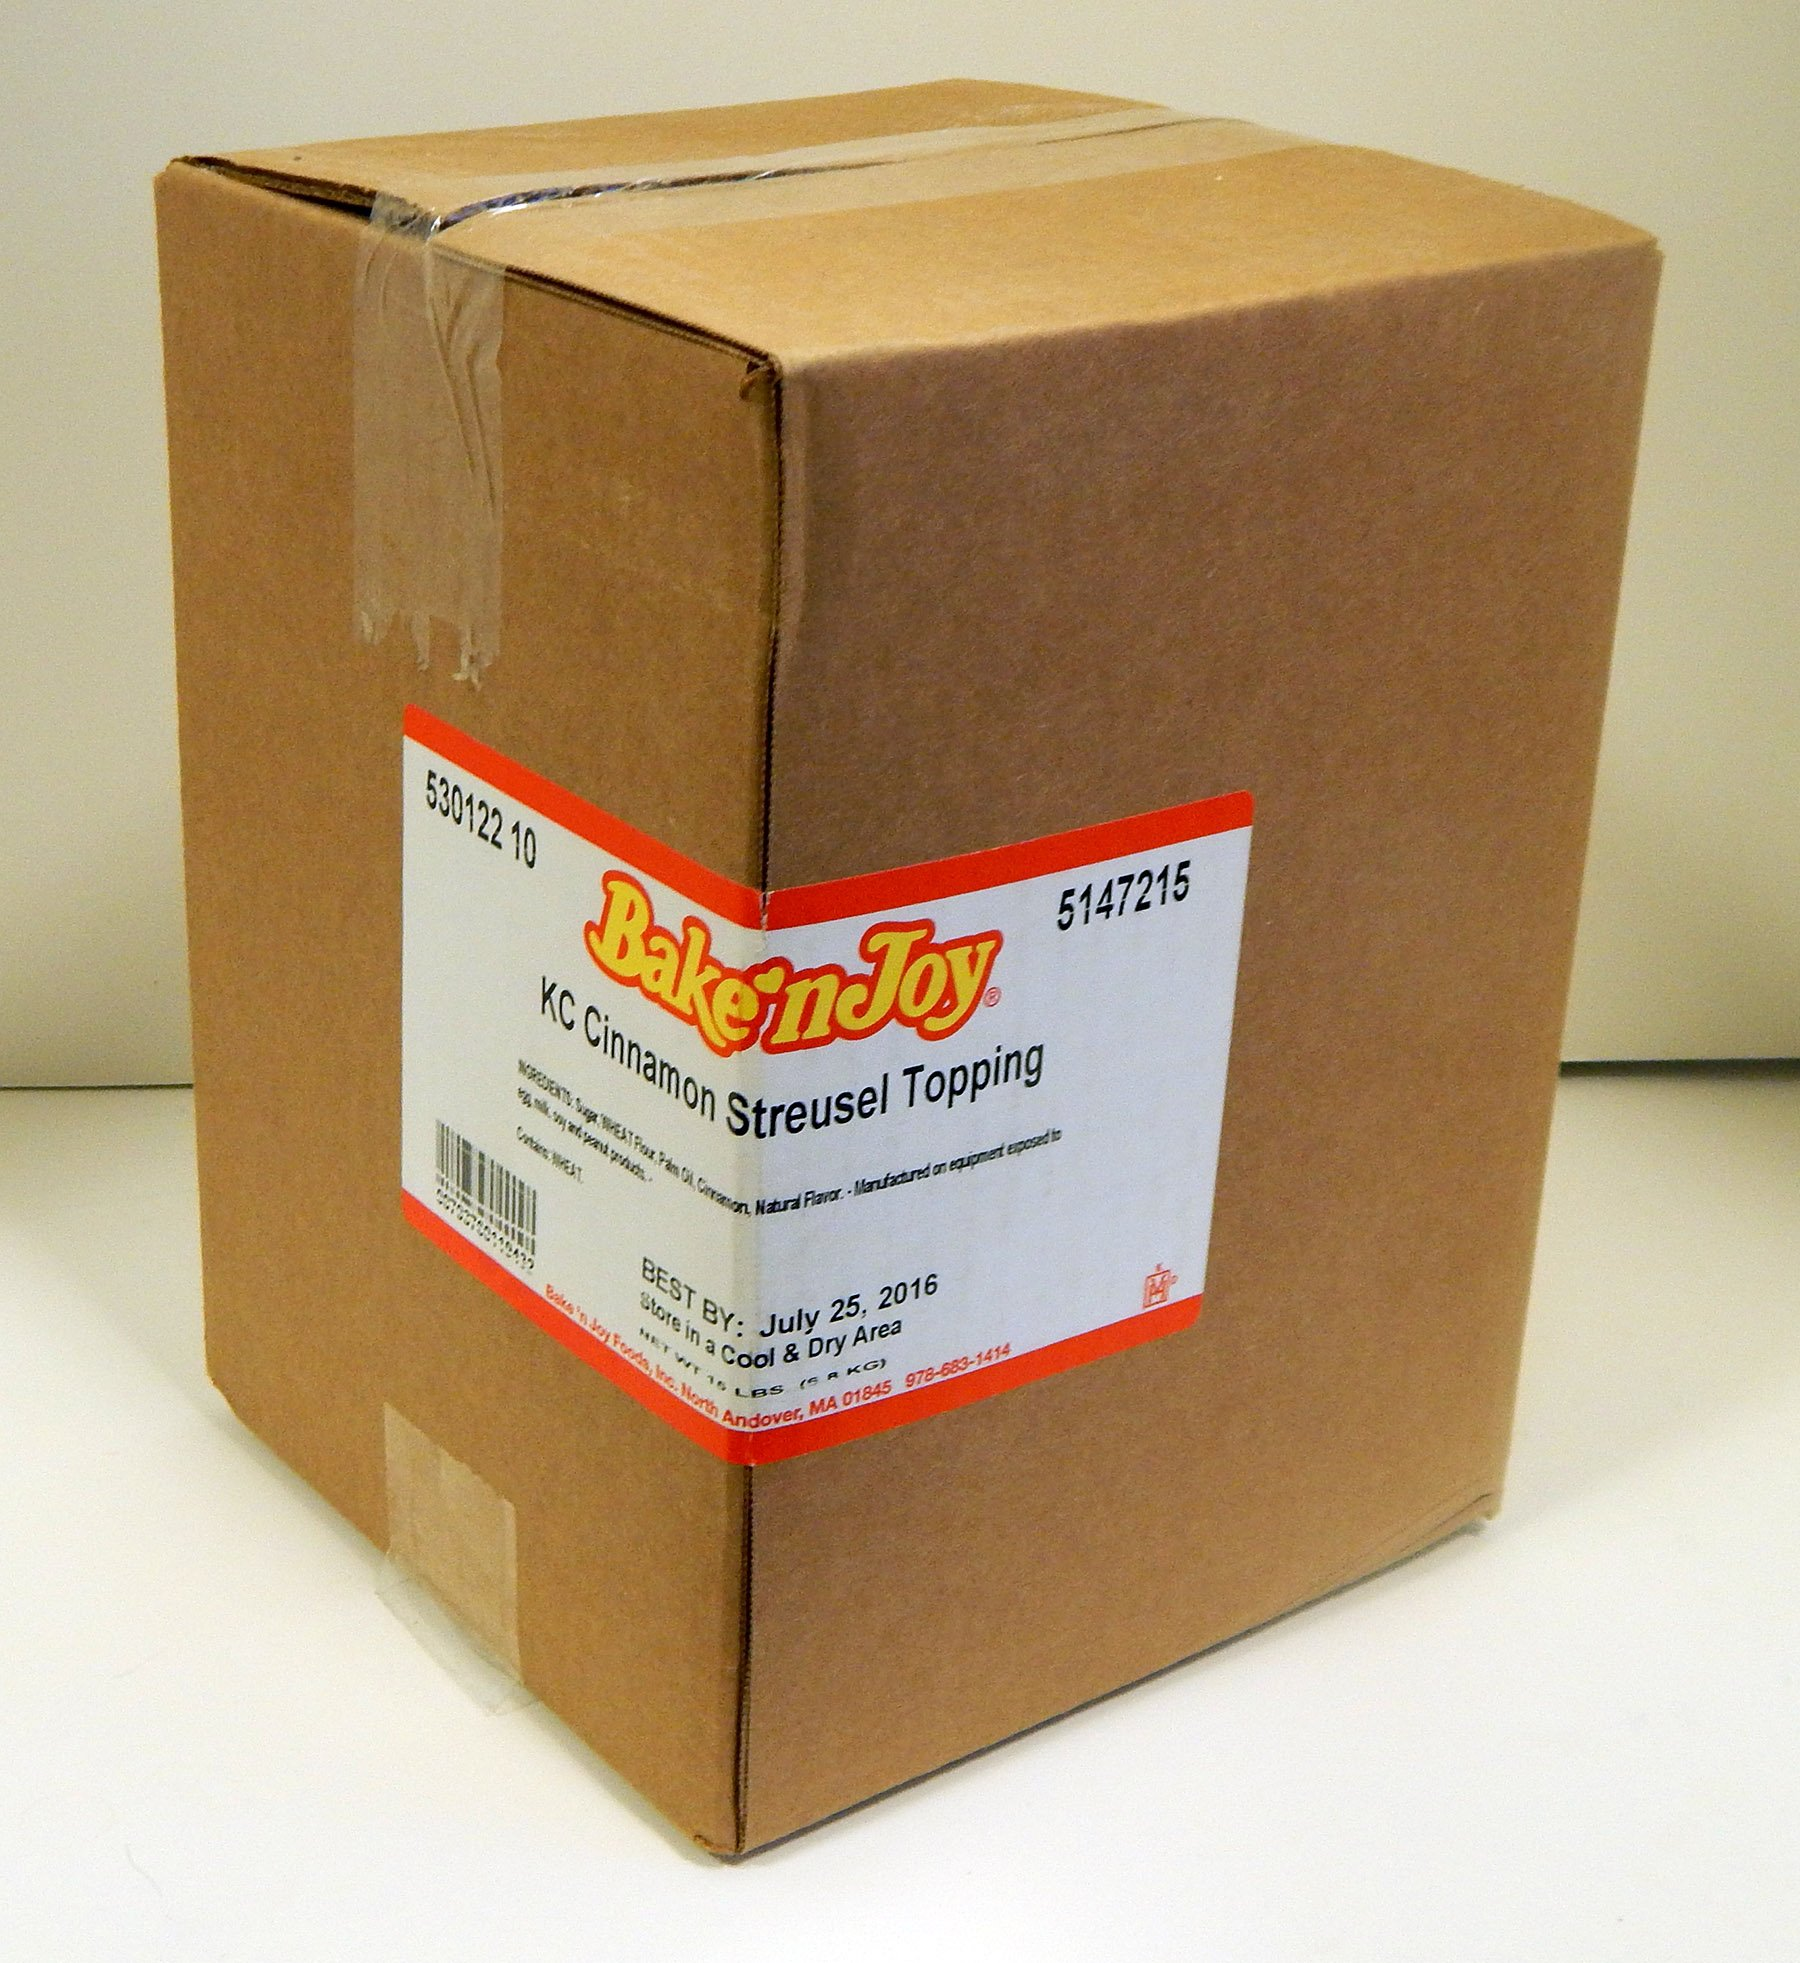 BNJKC Gourmet Cinnamon Streusel - Packaging Image